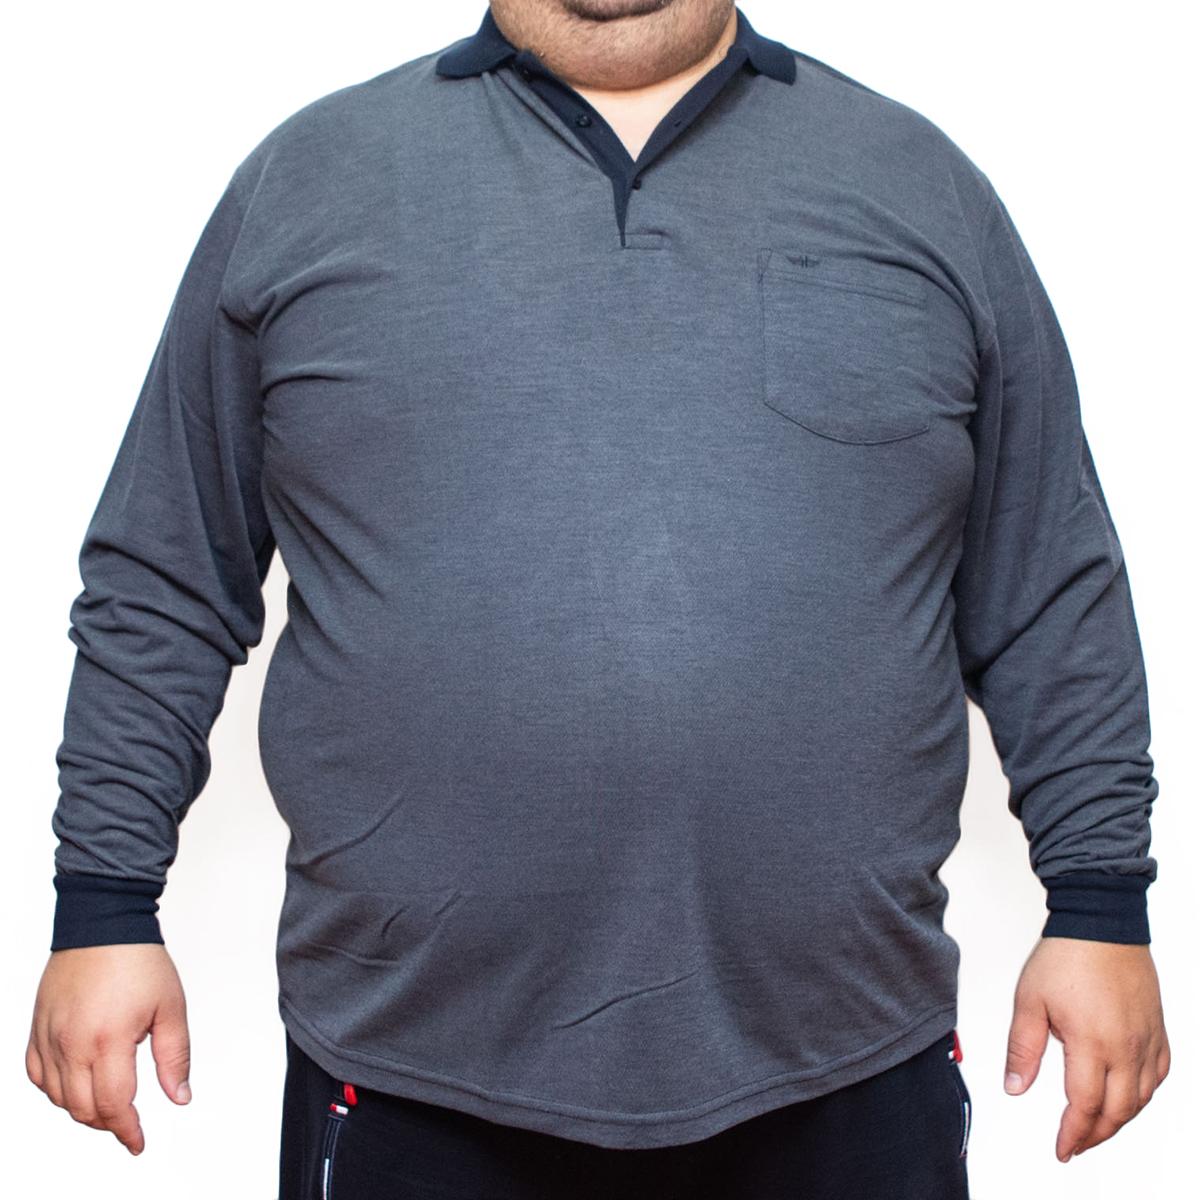 Bluza subtire gri cu imprimeu si cu guler, Marime 3XL - egato.ro